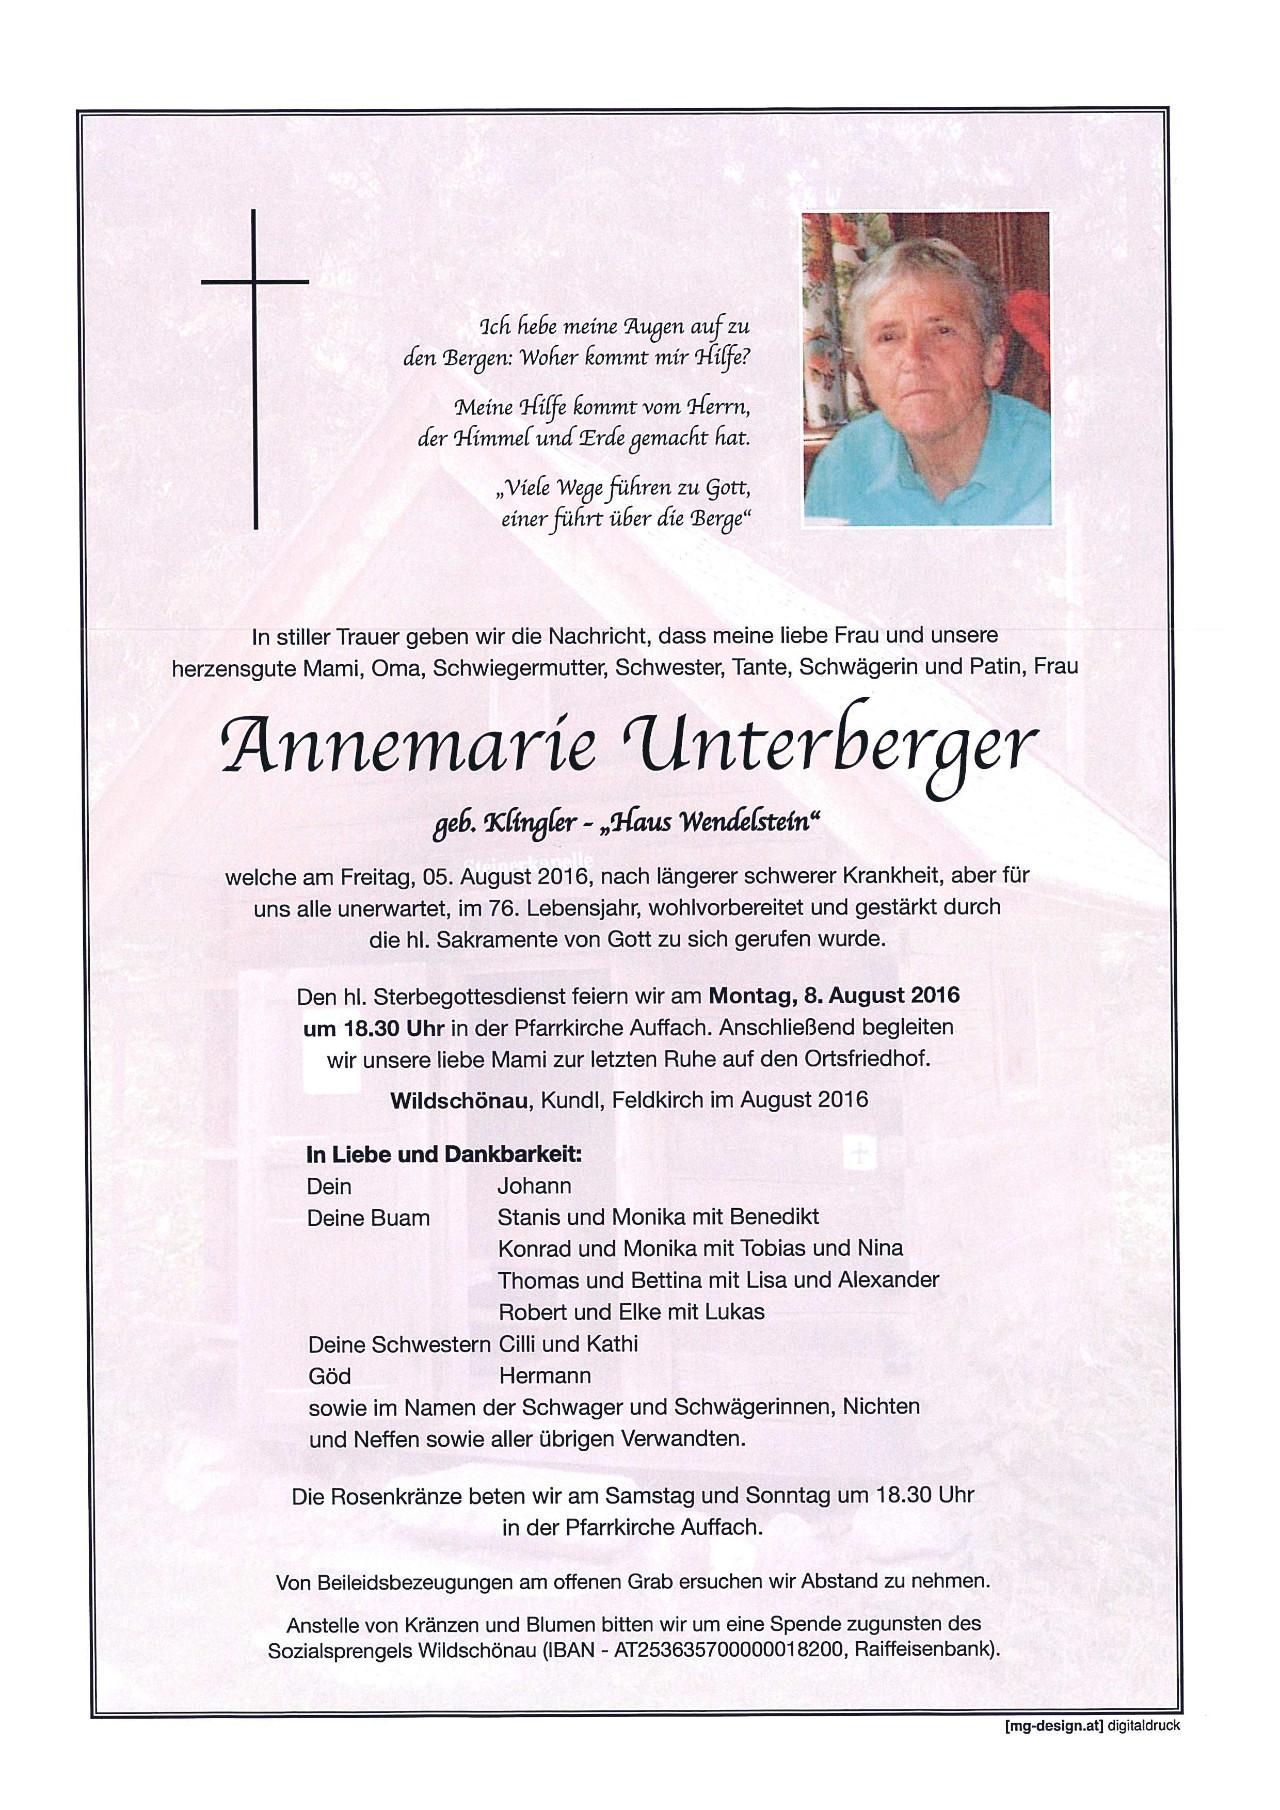 Annemarie Unterberger